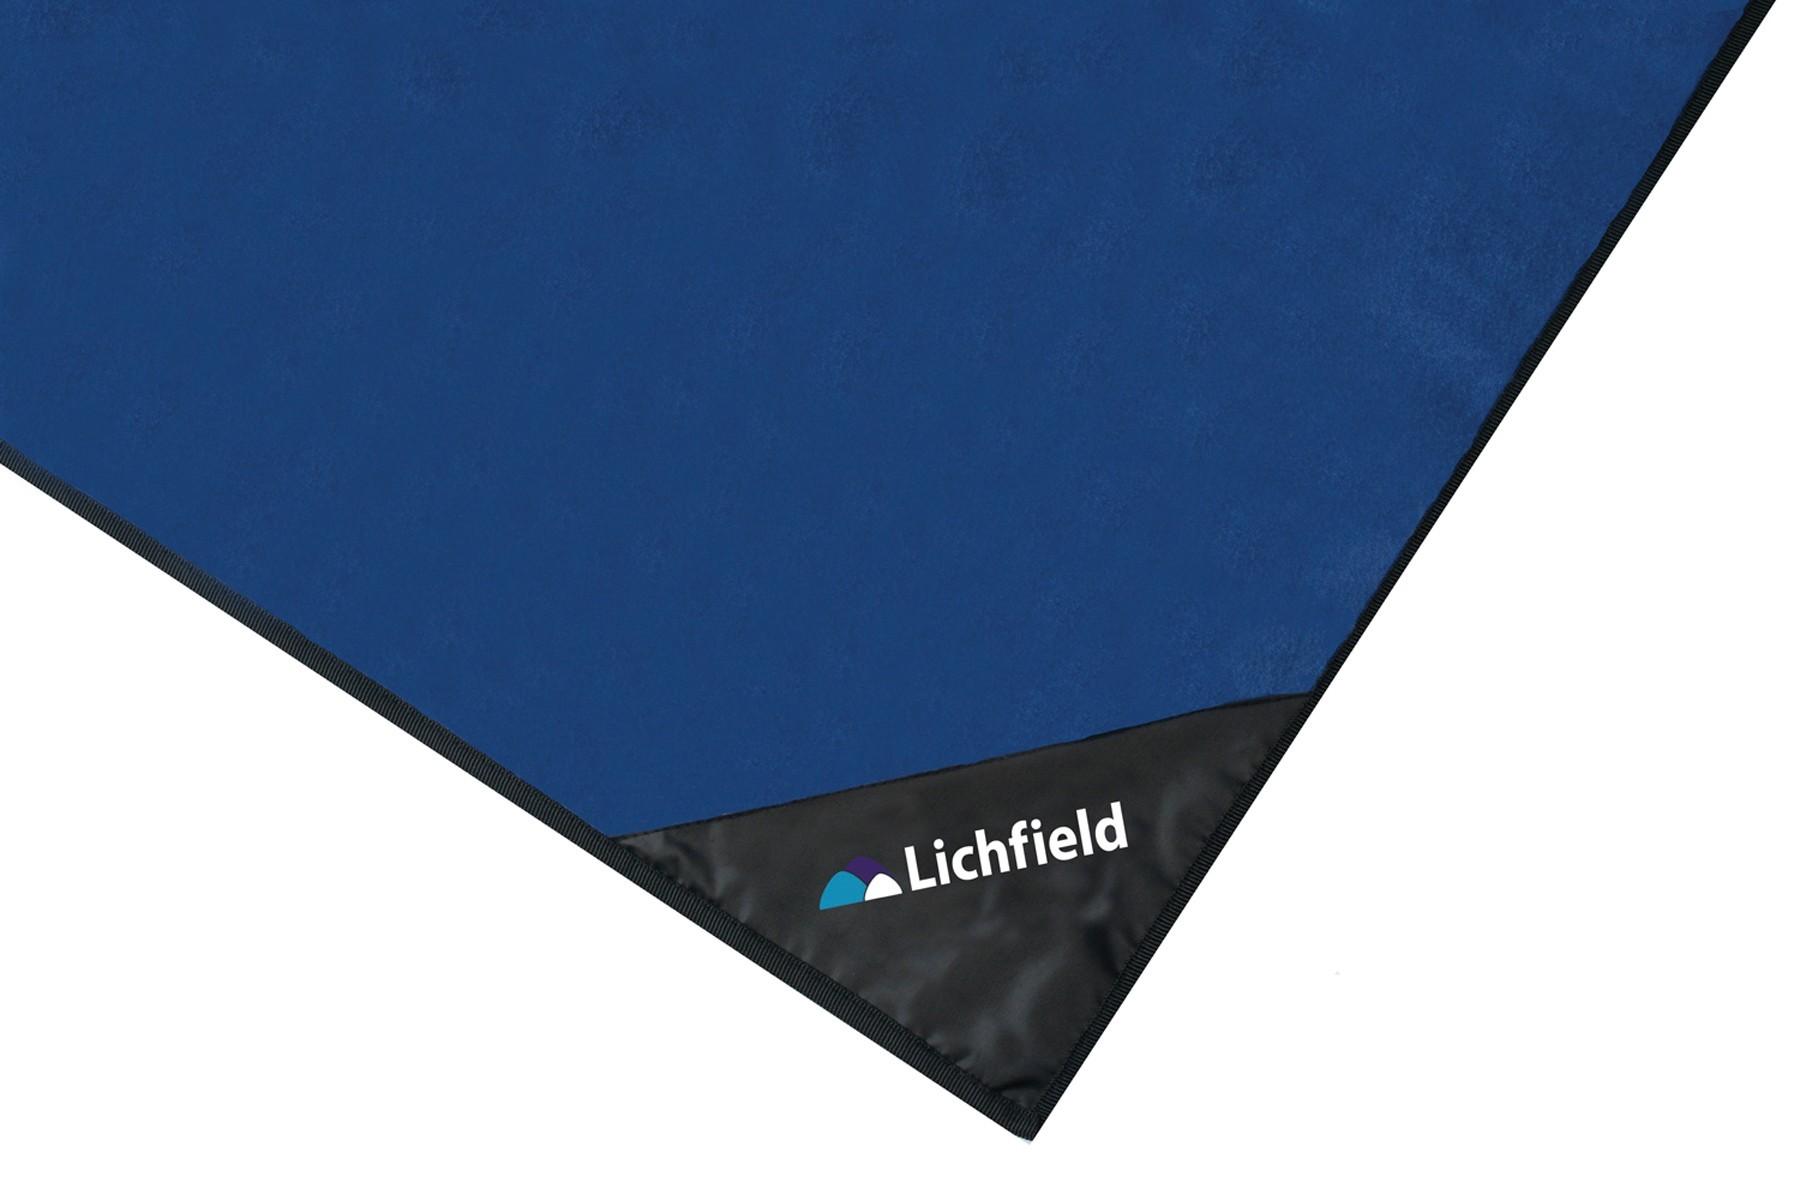 Lichfield Tent Carpets by Lichfield